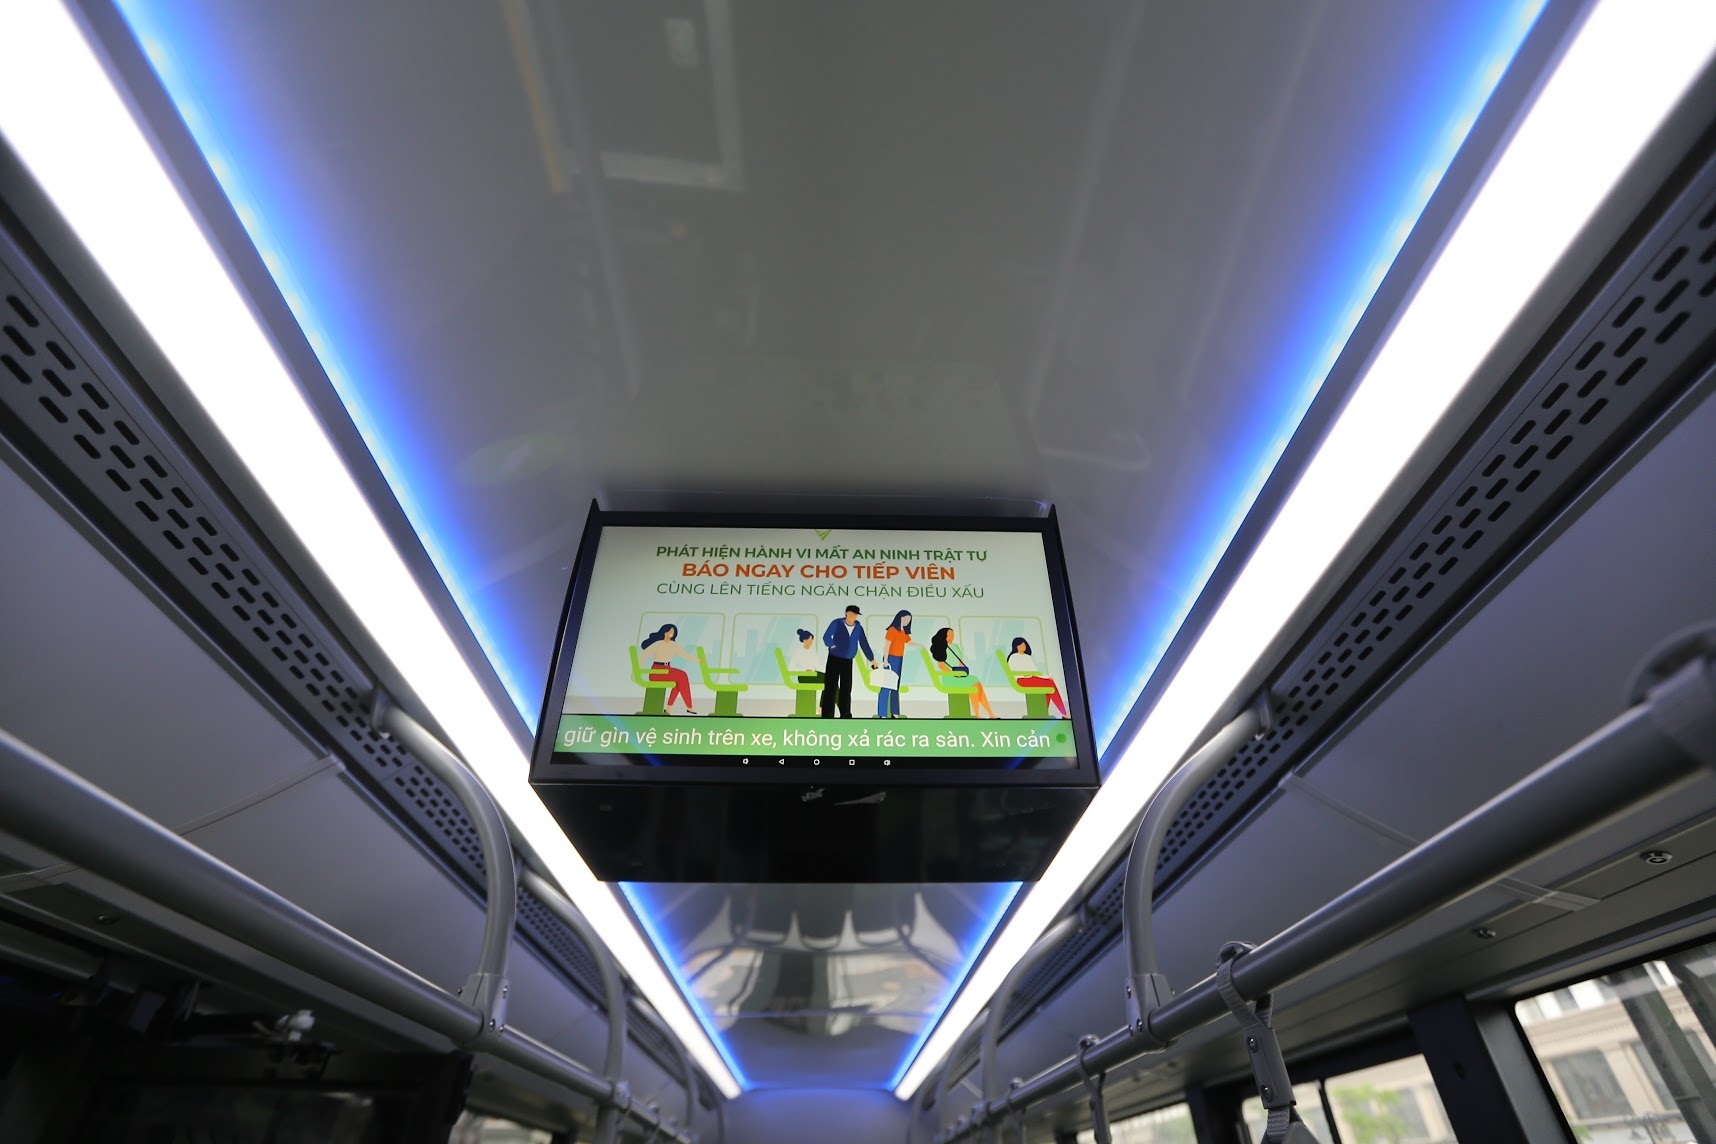 VinBus chính thức vận hành xe buýt điện thông minh đầu tiên tại Việt Nam 4